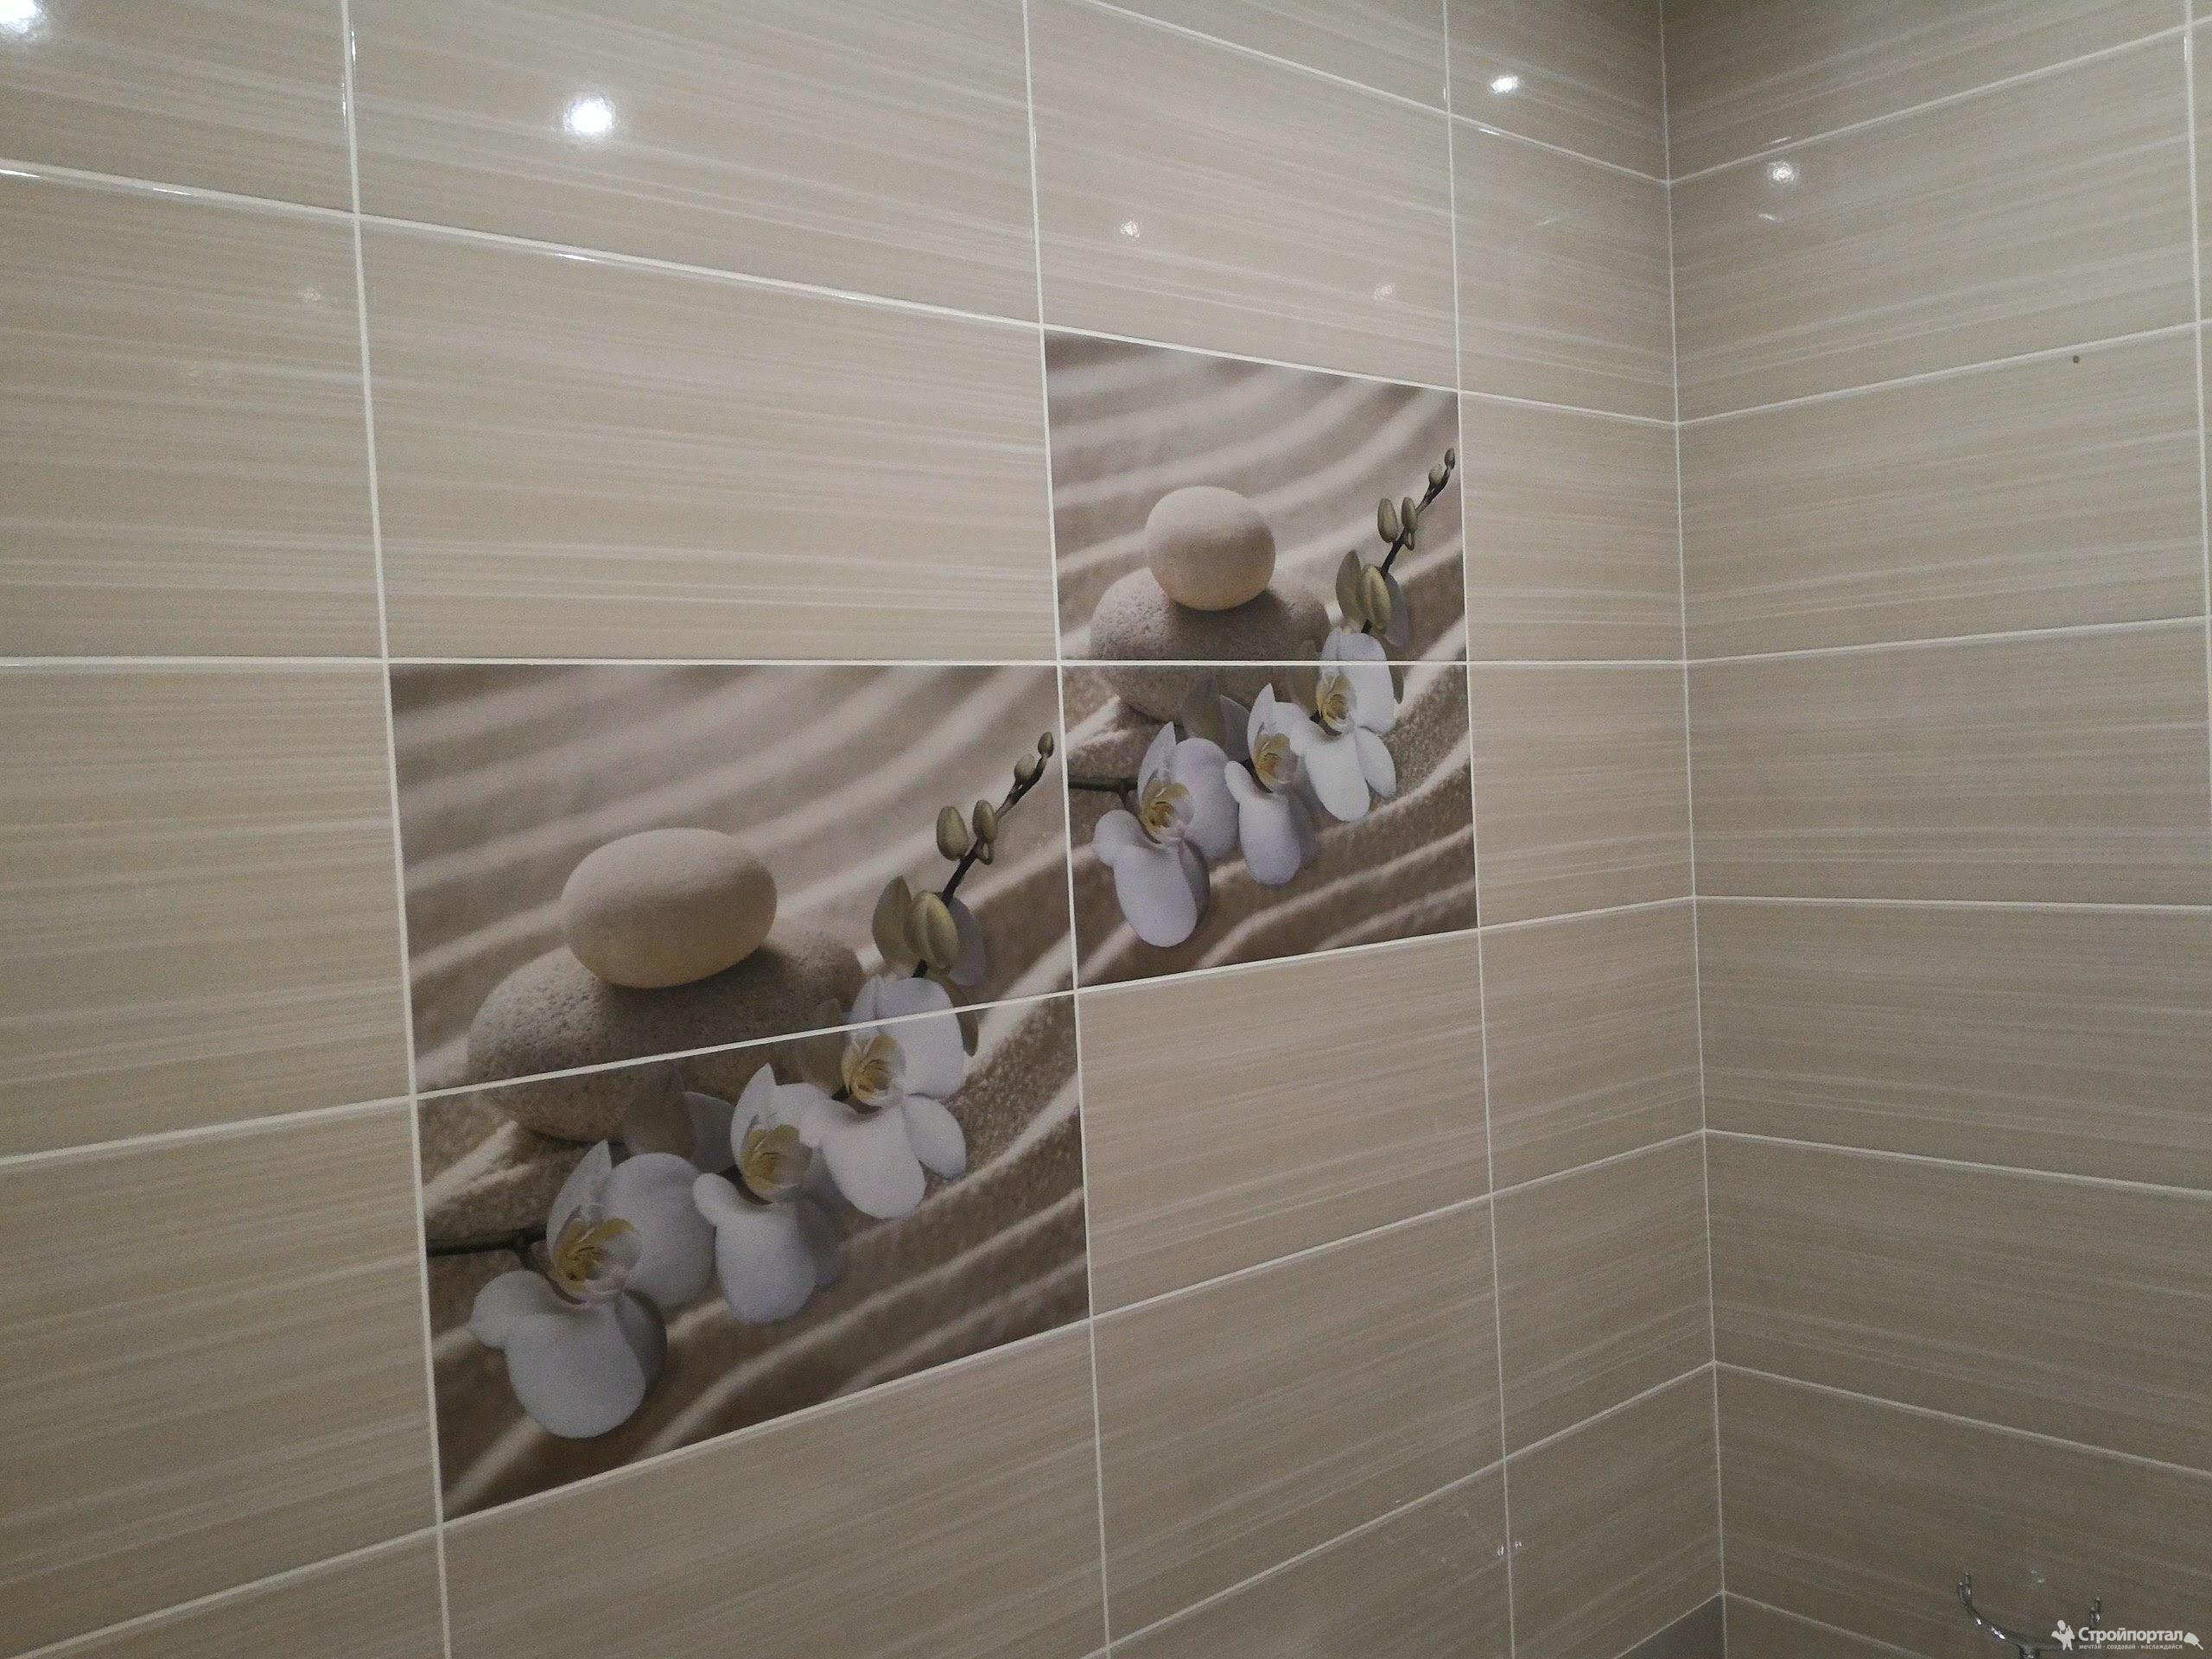 Ремонт санузла с материалами в москве по доступно цене